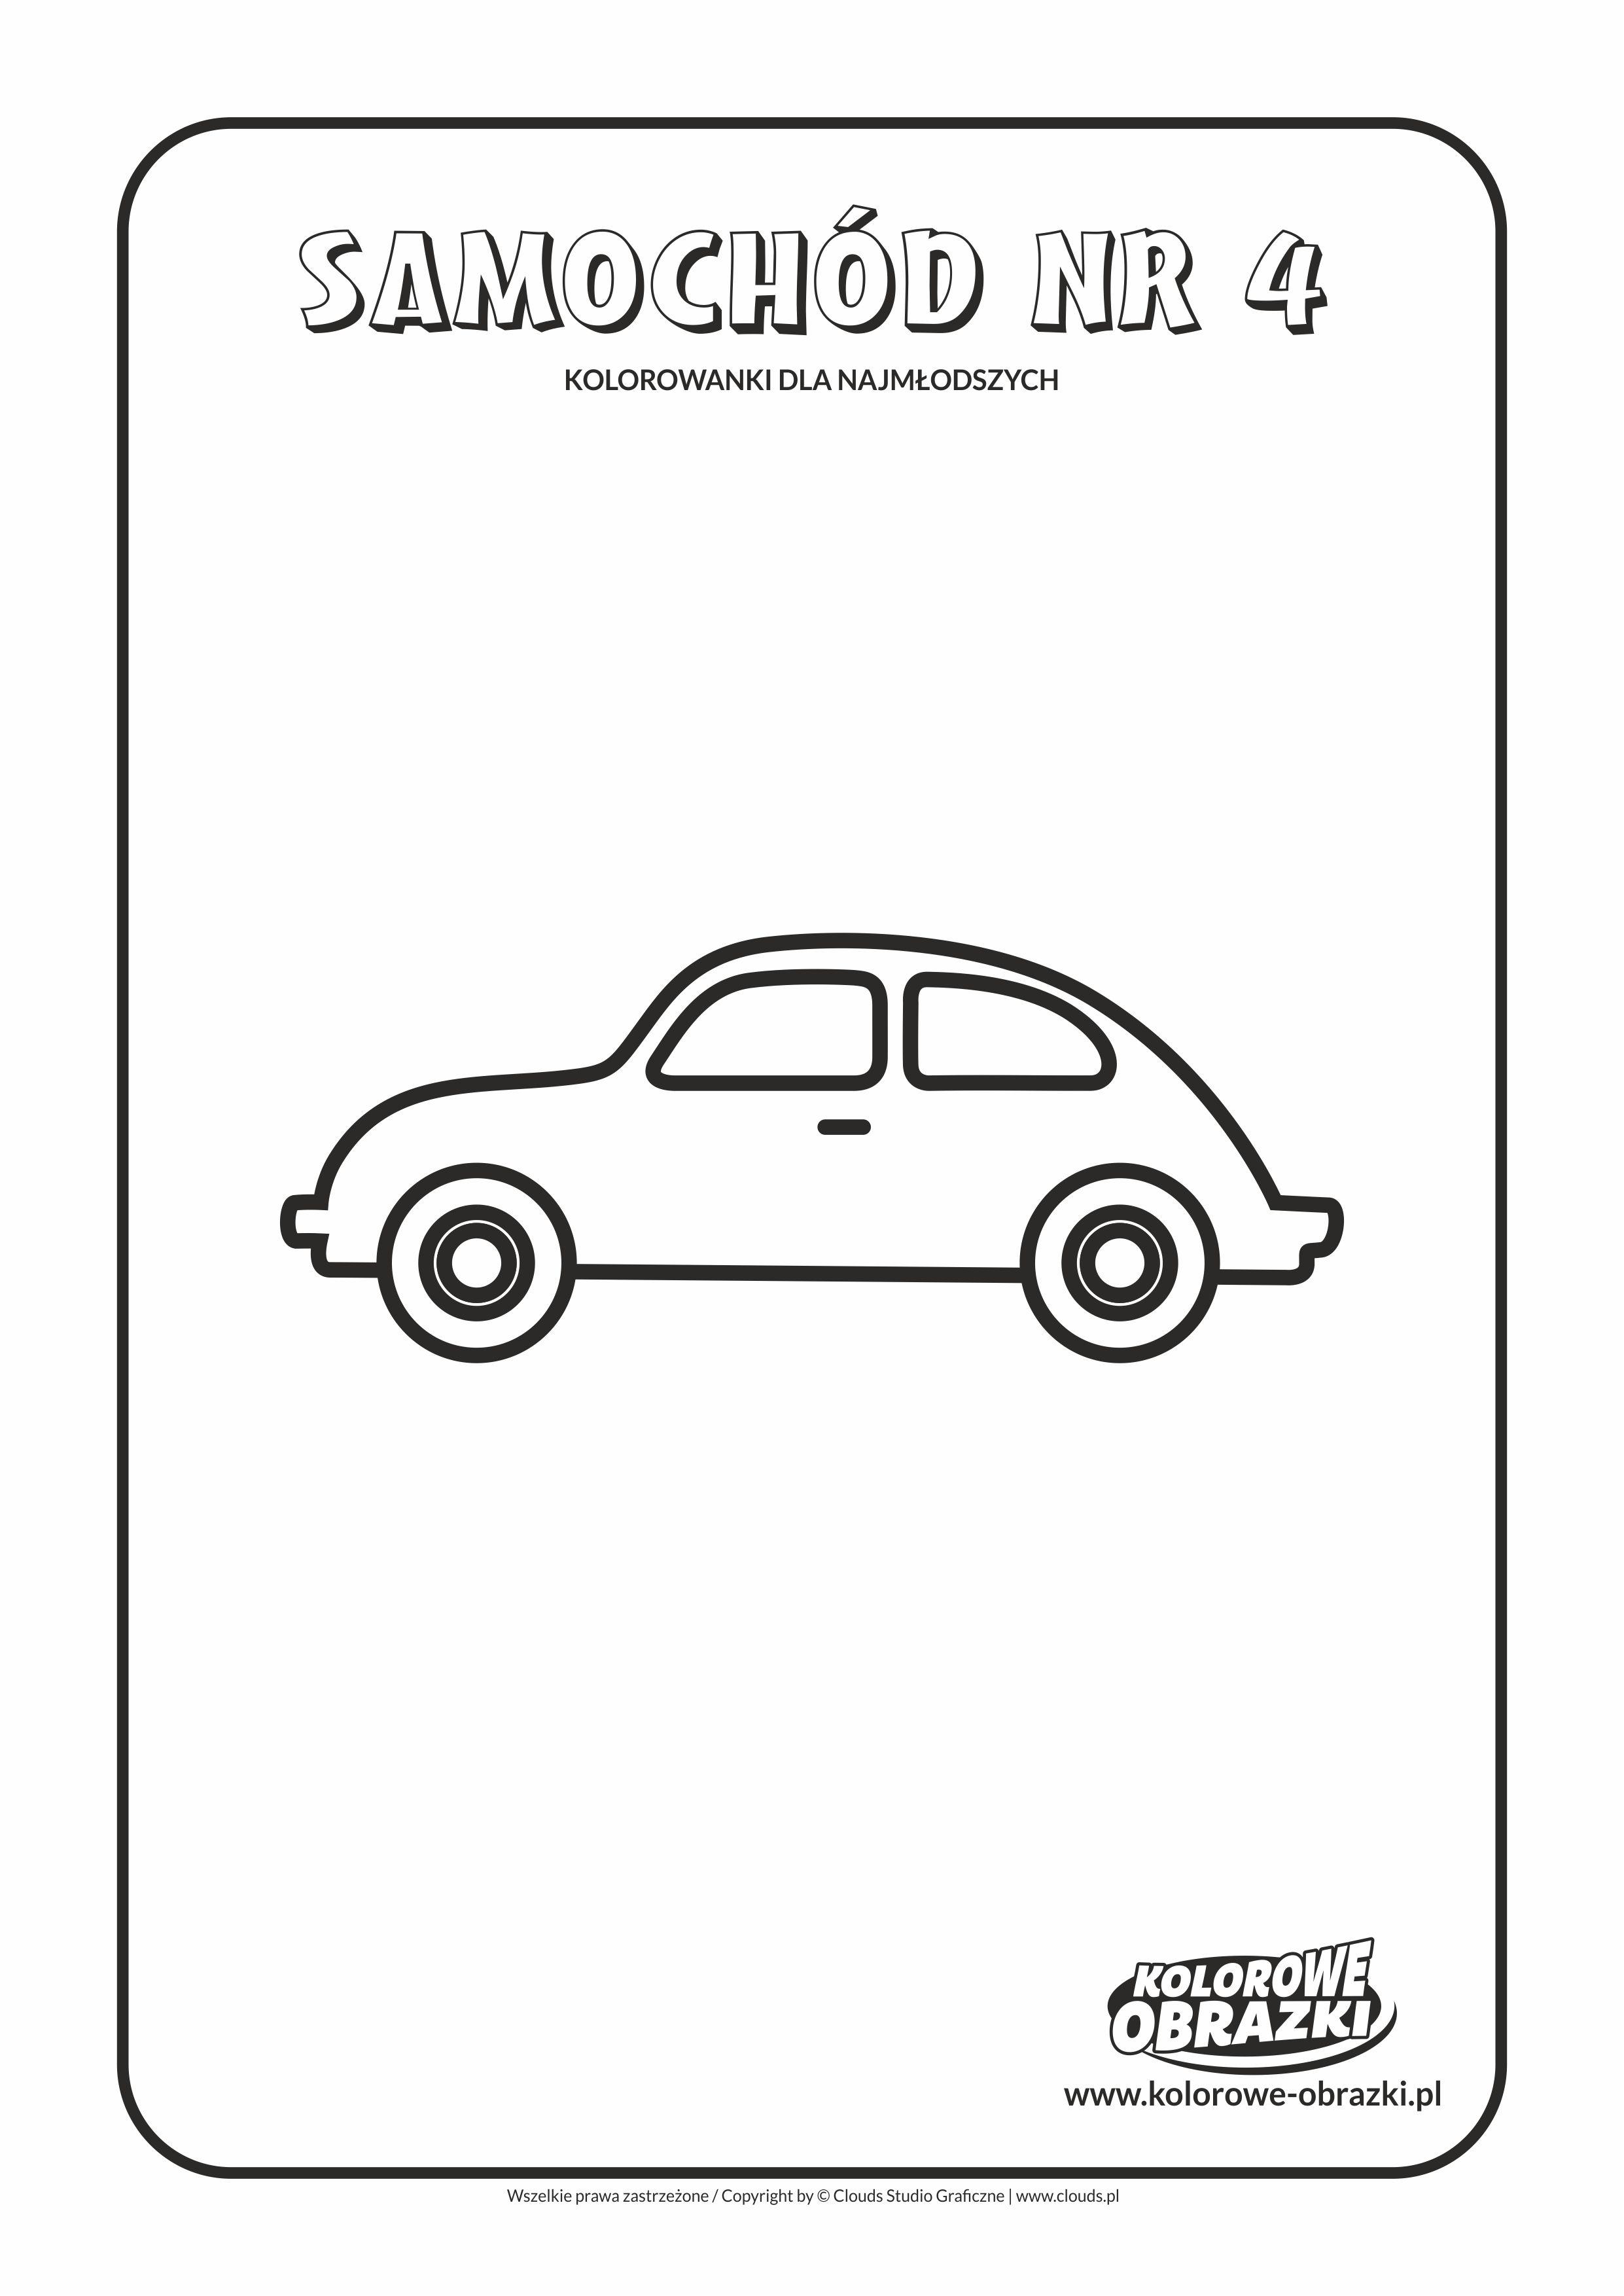 Proste kolorowanki dla najmłodszych - Samochody / Samochód nr 4. Kolorowanka z samochodem